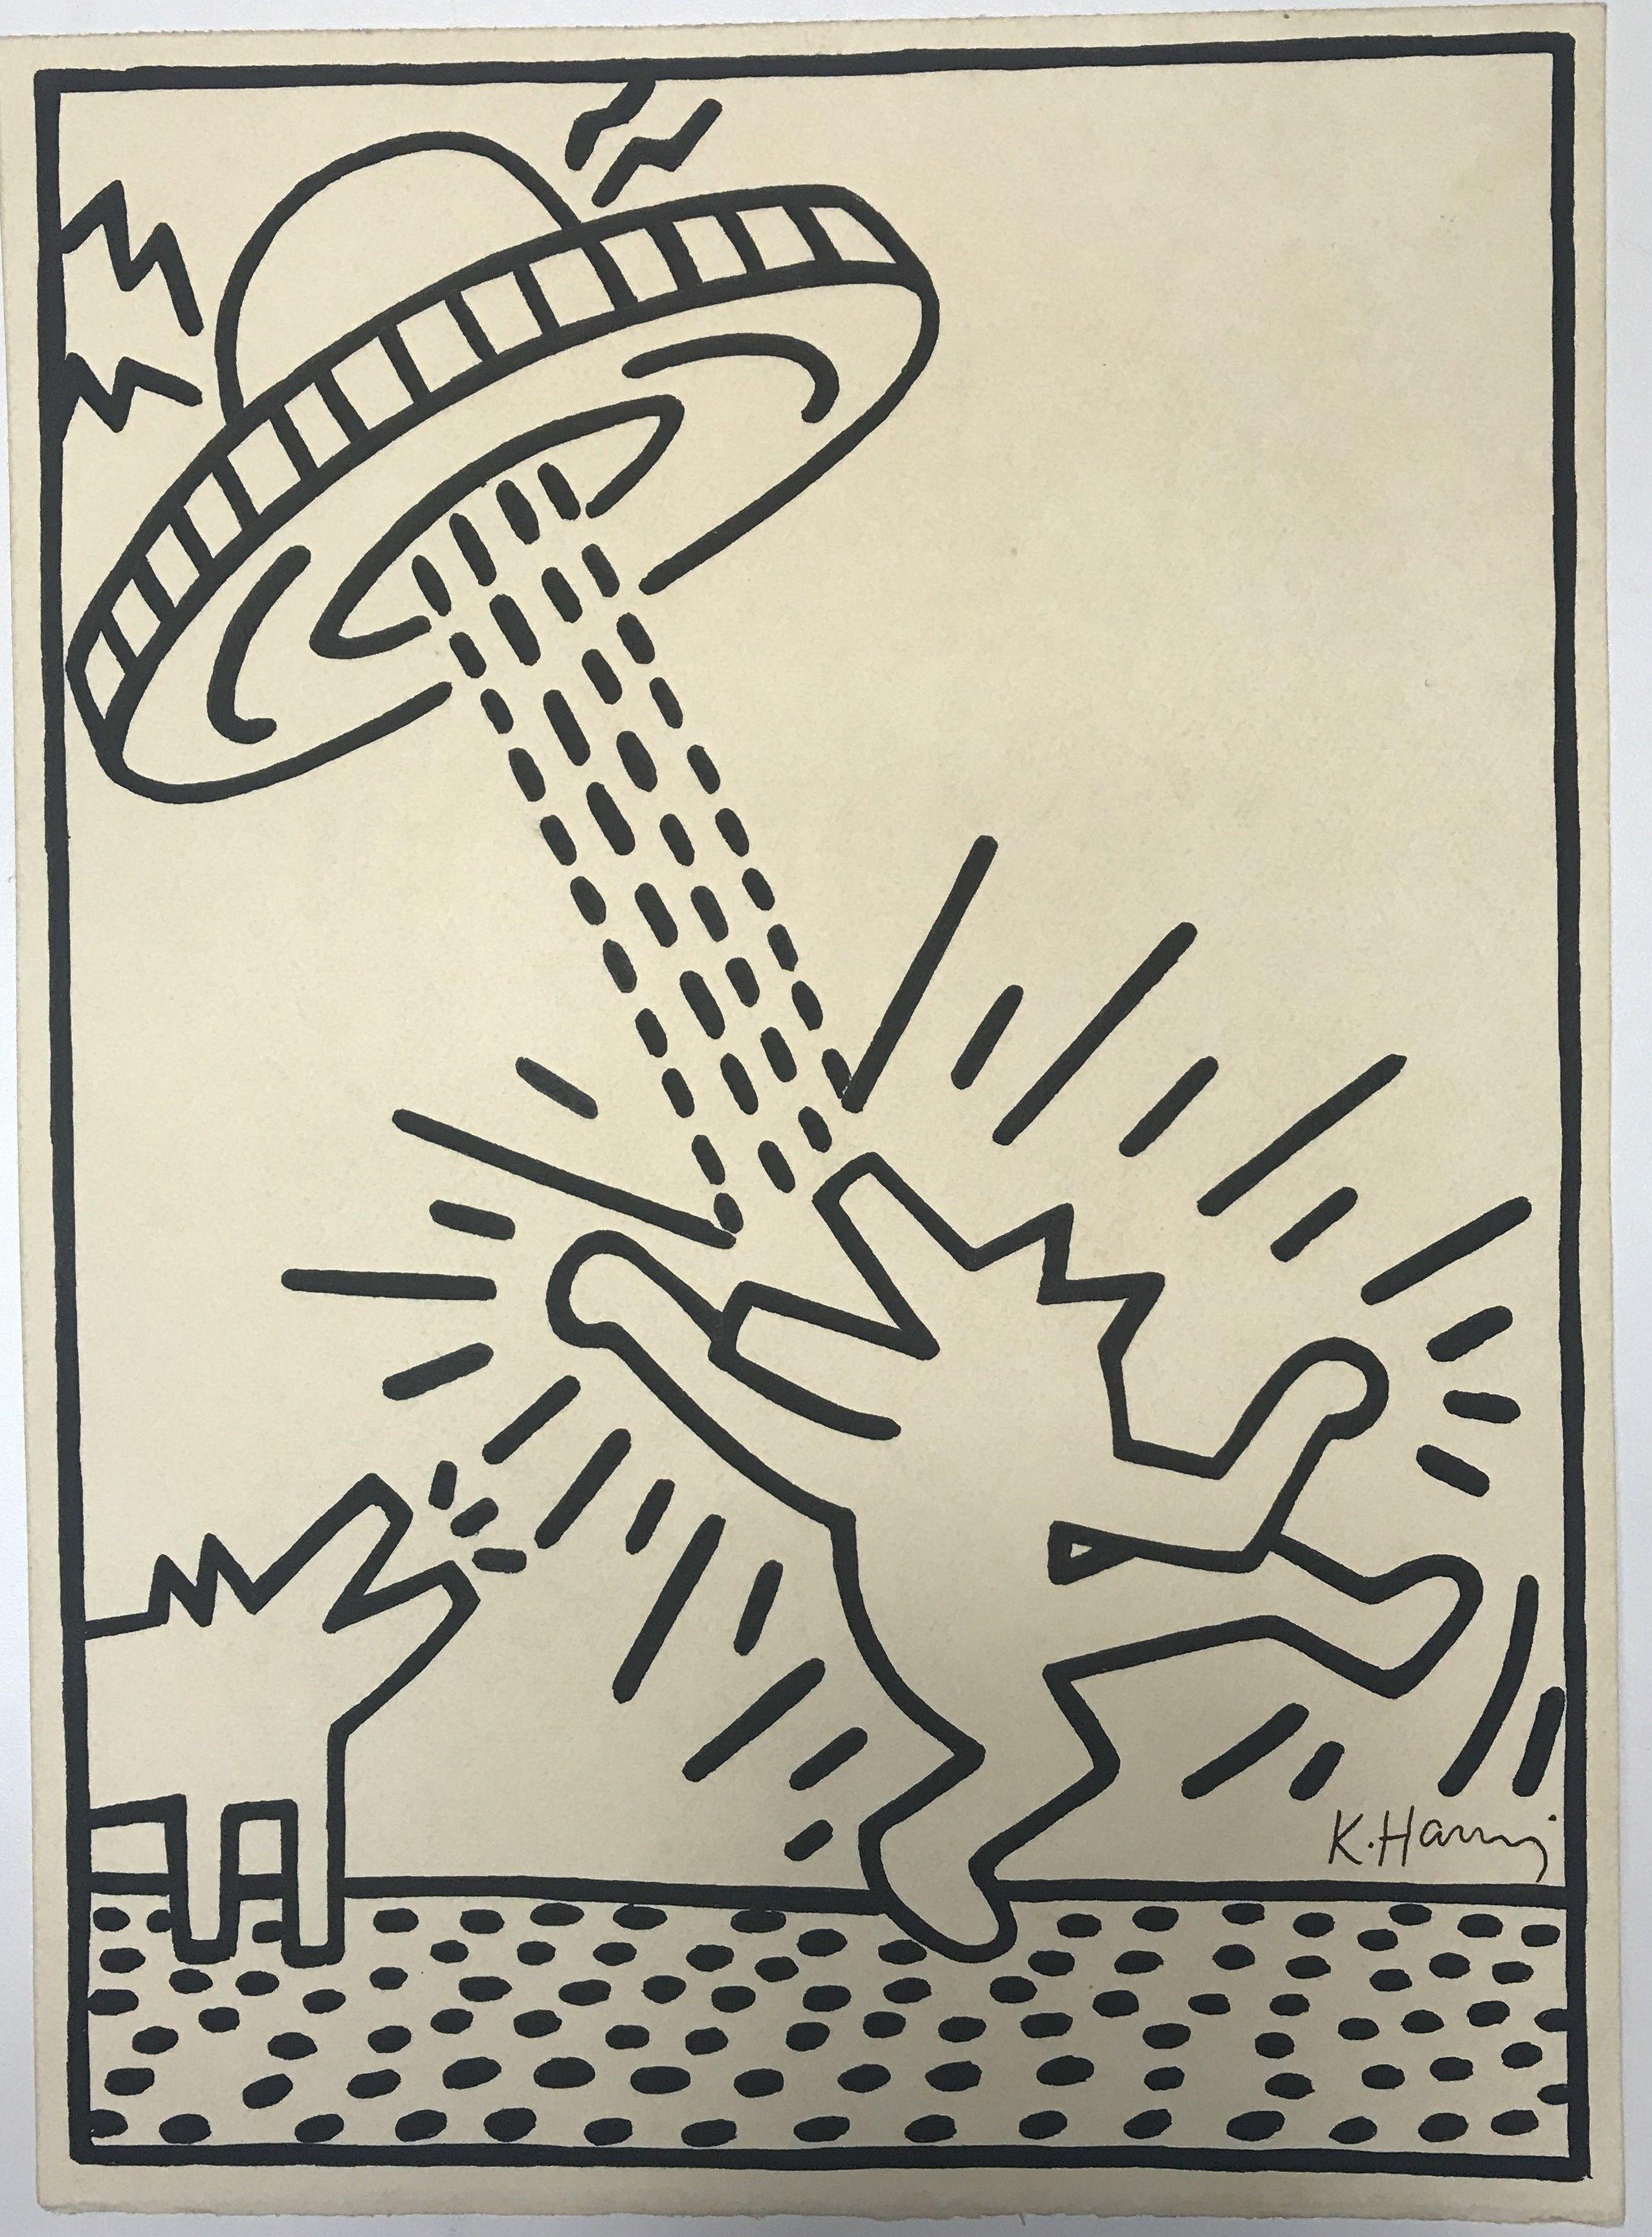 Neu Keith Haring Dessin Farbung Malvorlagen Malvorlagenkostenlos Keith Haring Keith Haring Art Haring Art